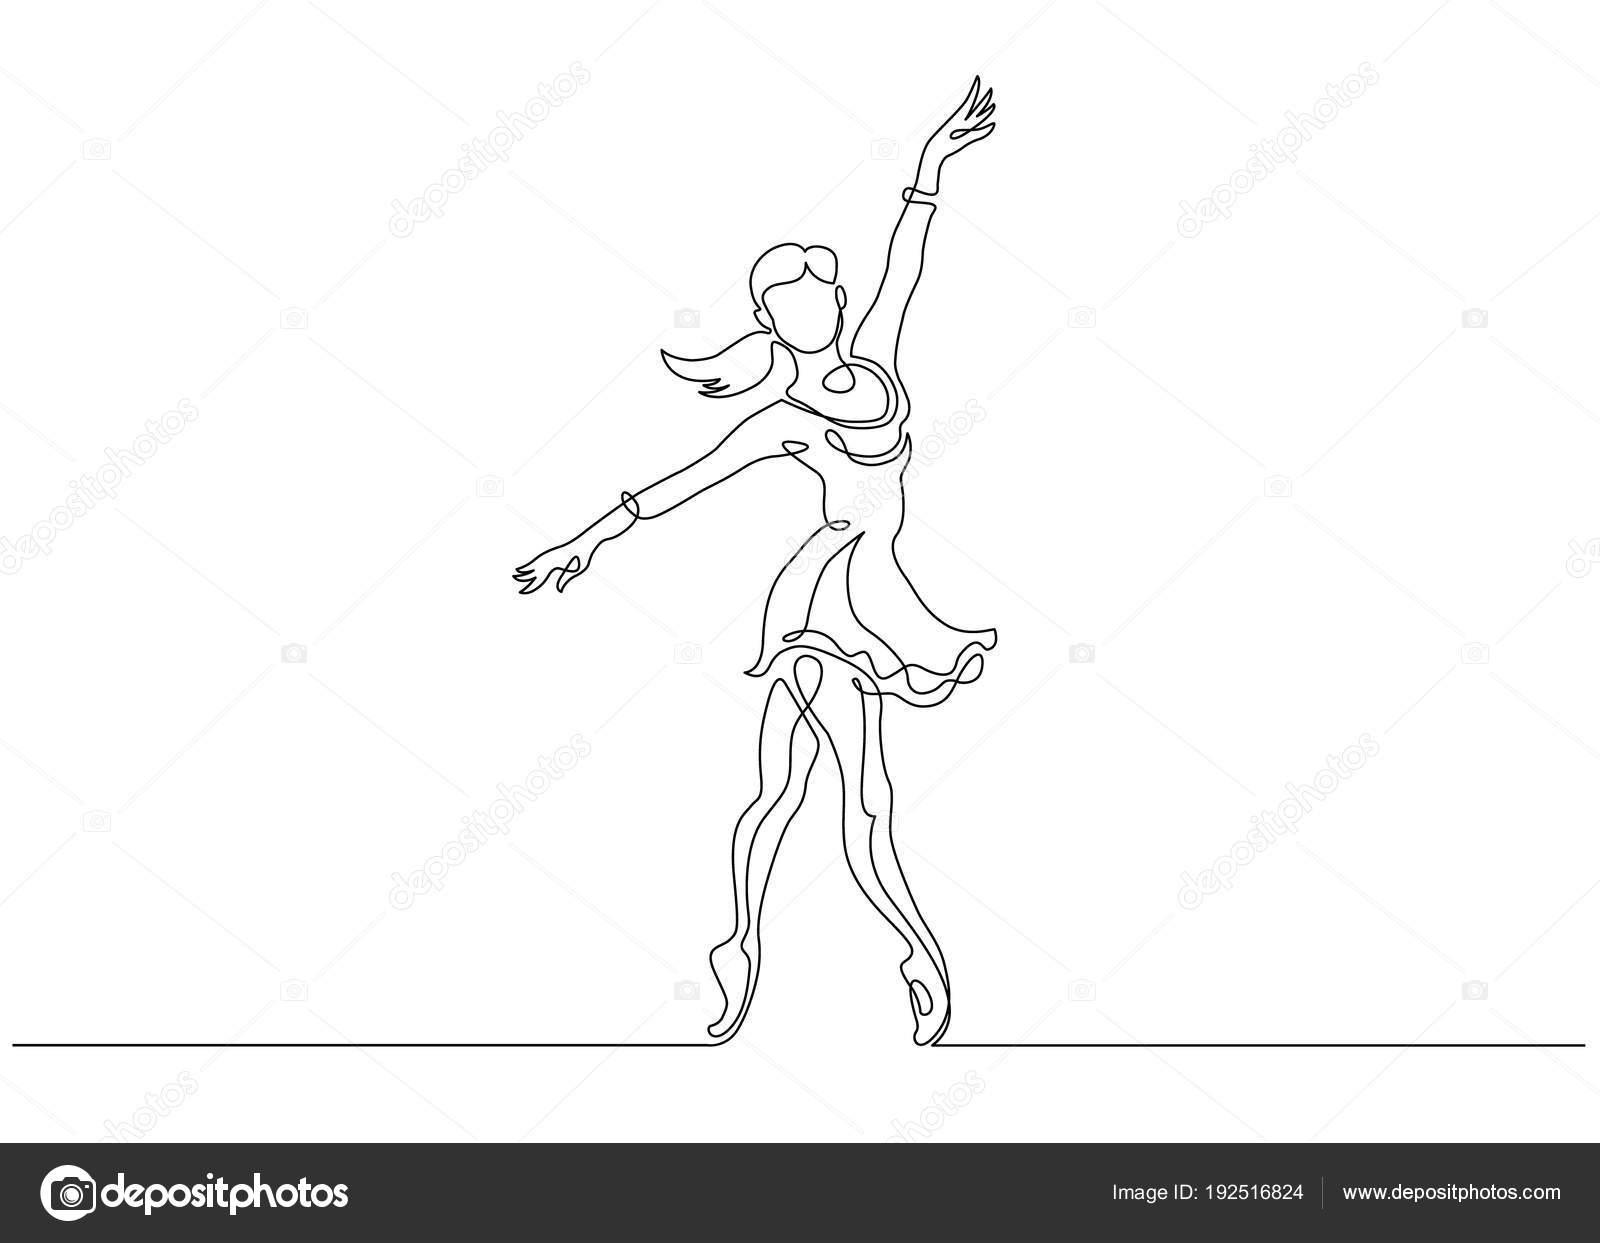 Disegno Di Una Ballerina : Linea continua arte disegno della ballerina ballerino di balletto